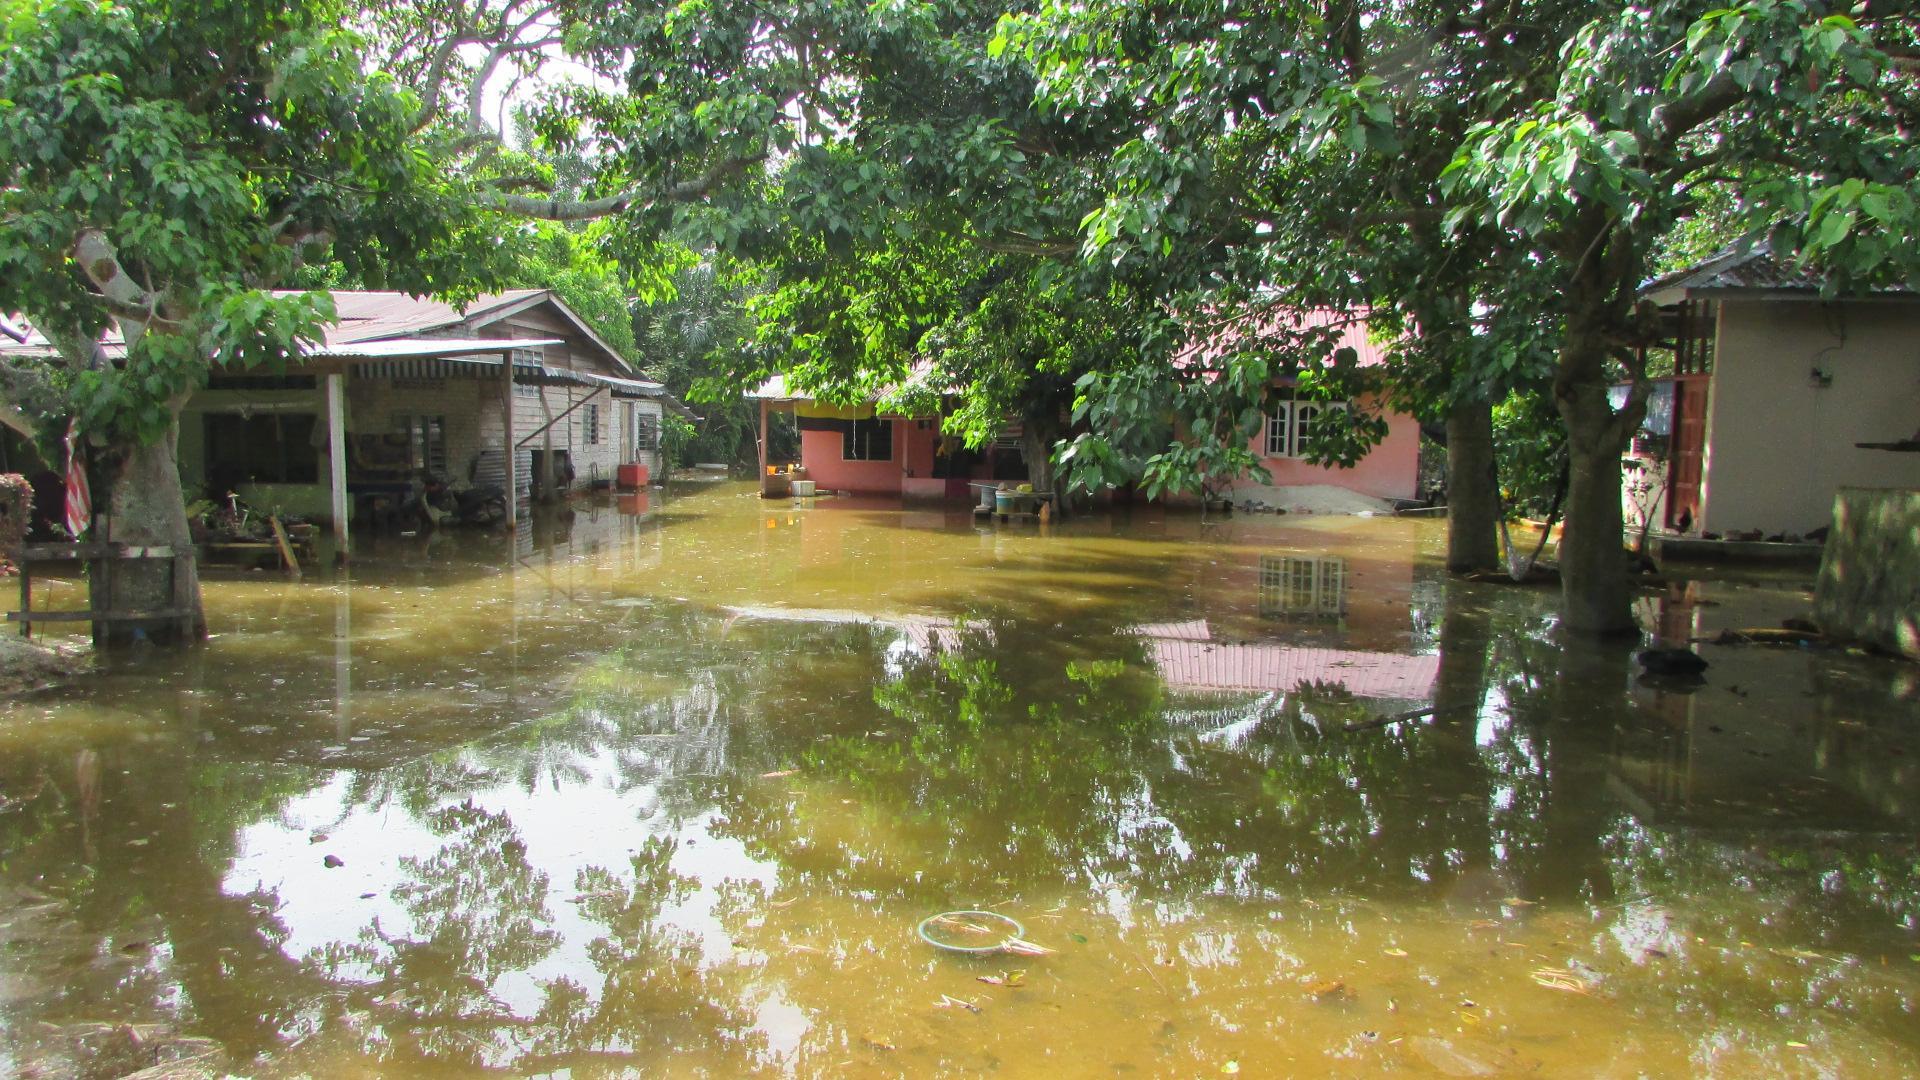 The flood in Kampung Padang Serai, Pantai Remis, Perak | SAM